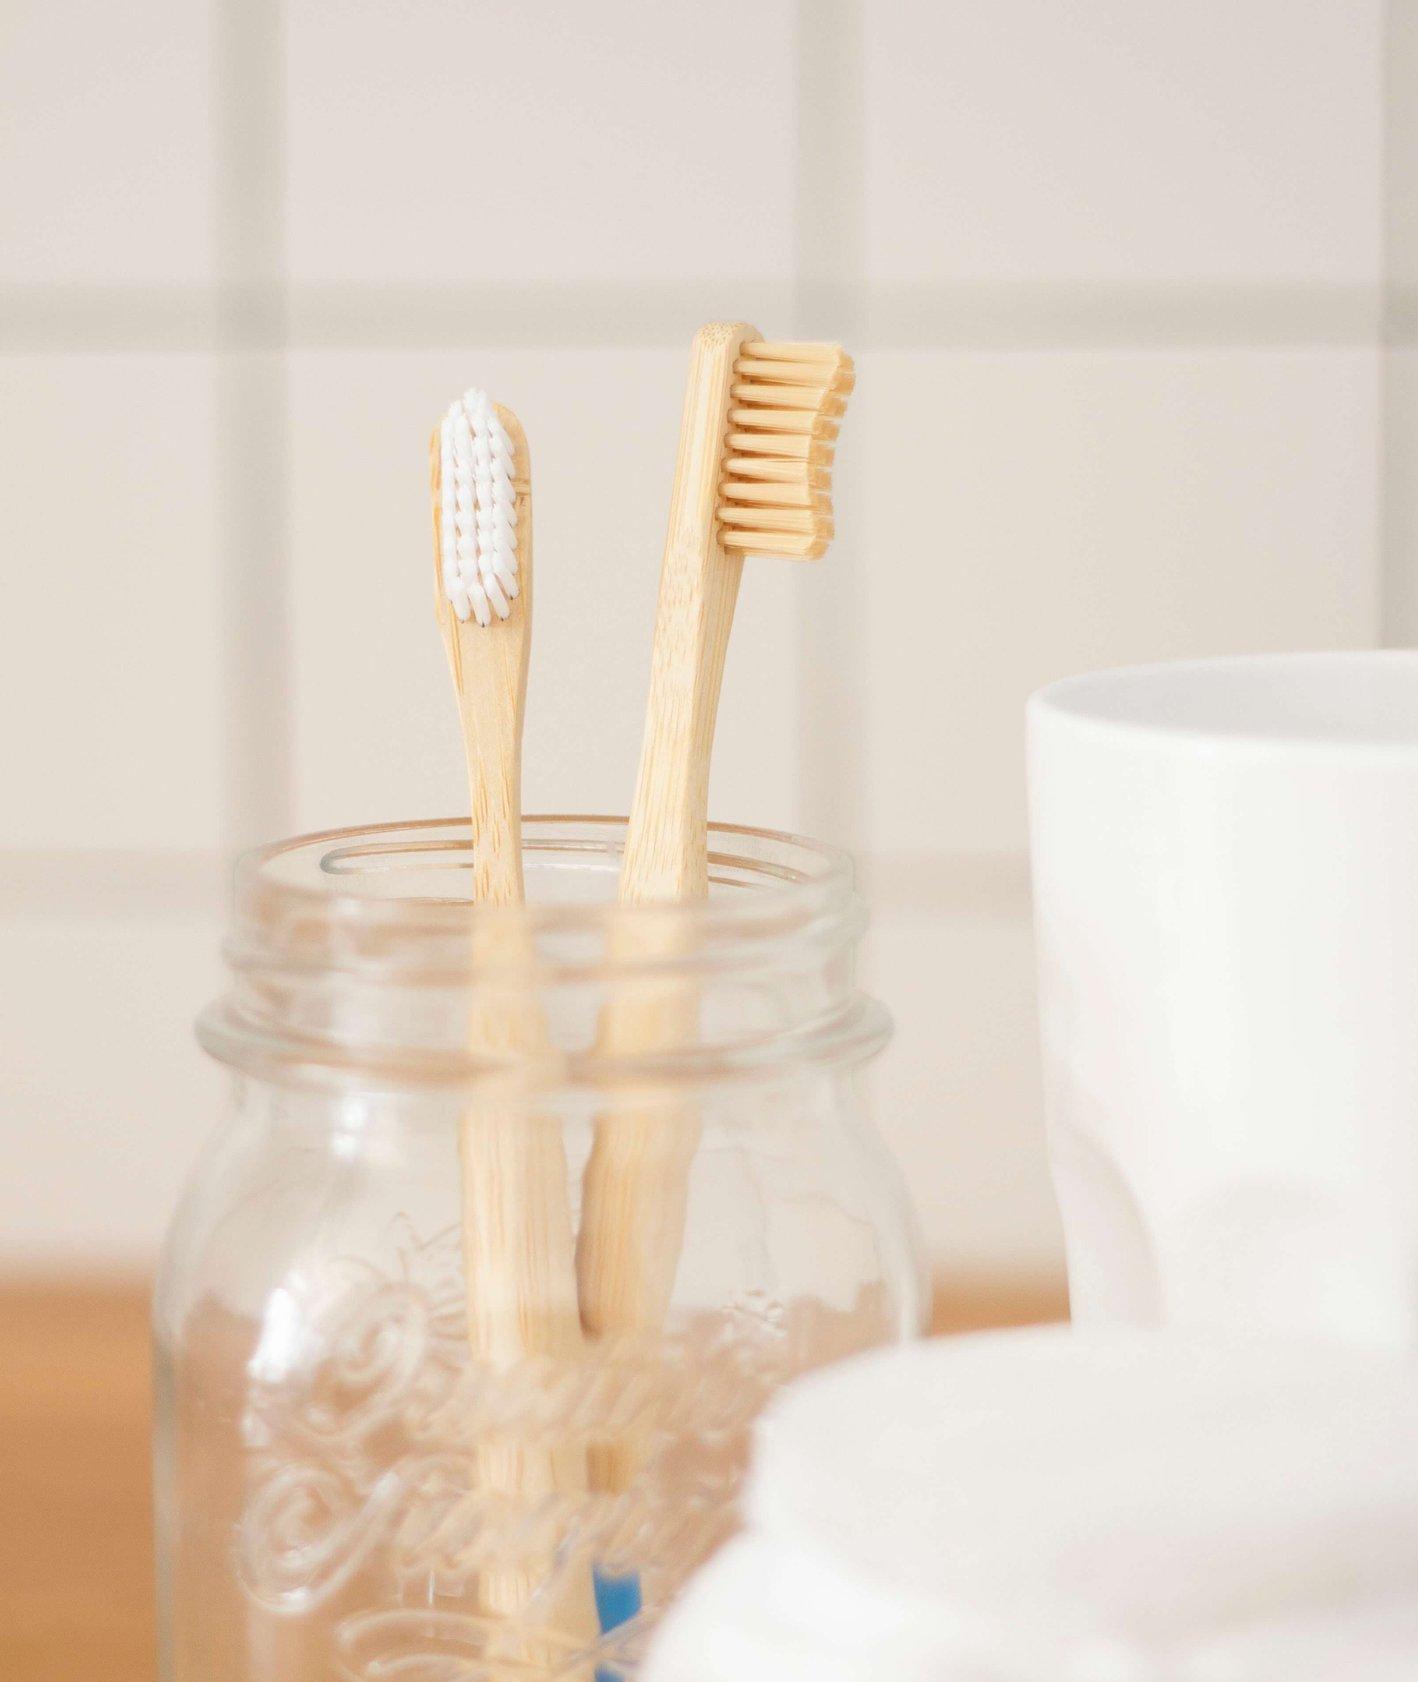 Ekologiczna szczoteczka do zębów (fot. Superkitina)